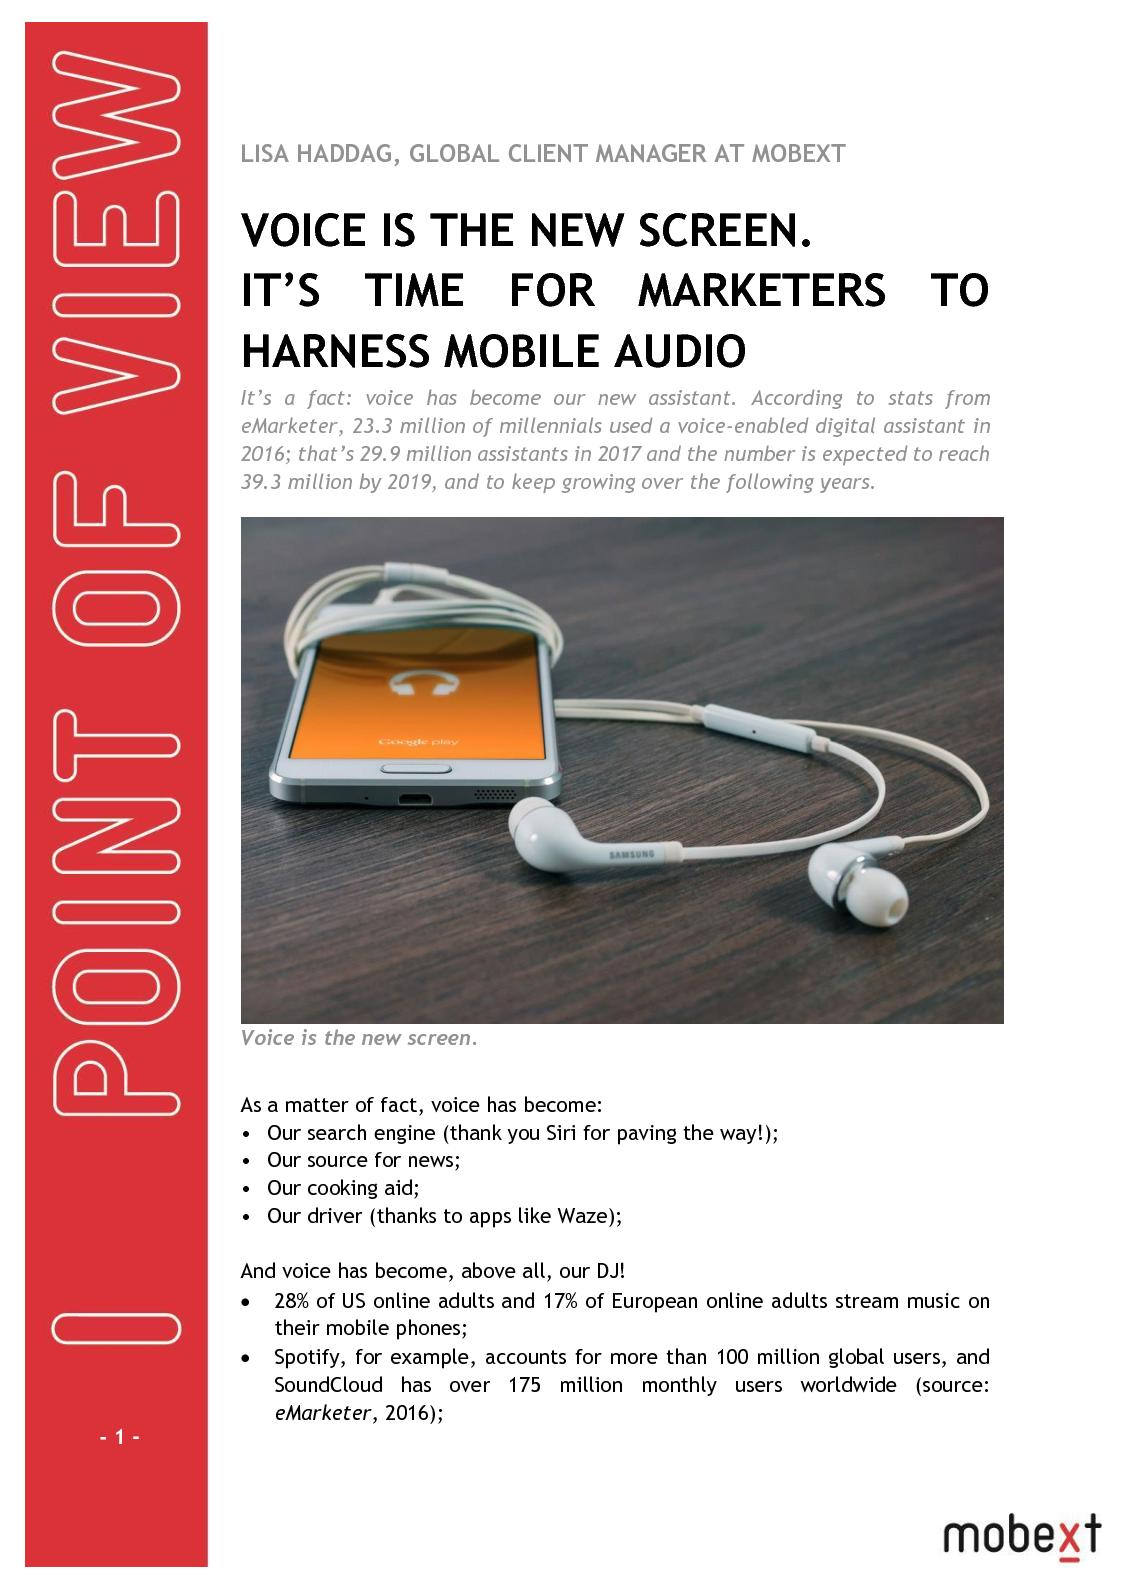 Calaméo - Digital and tech - Pov Mobile Audio